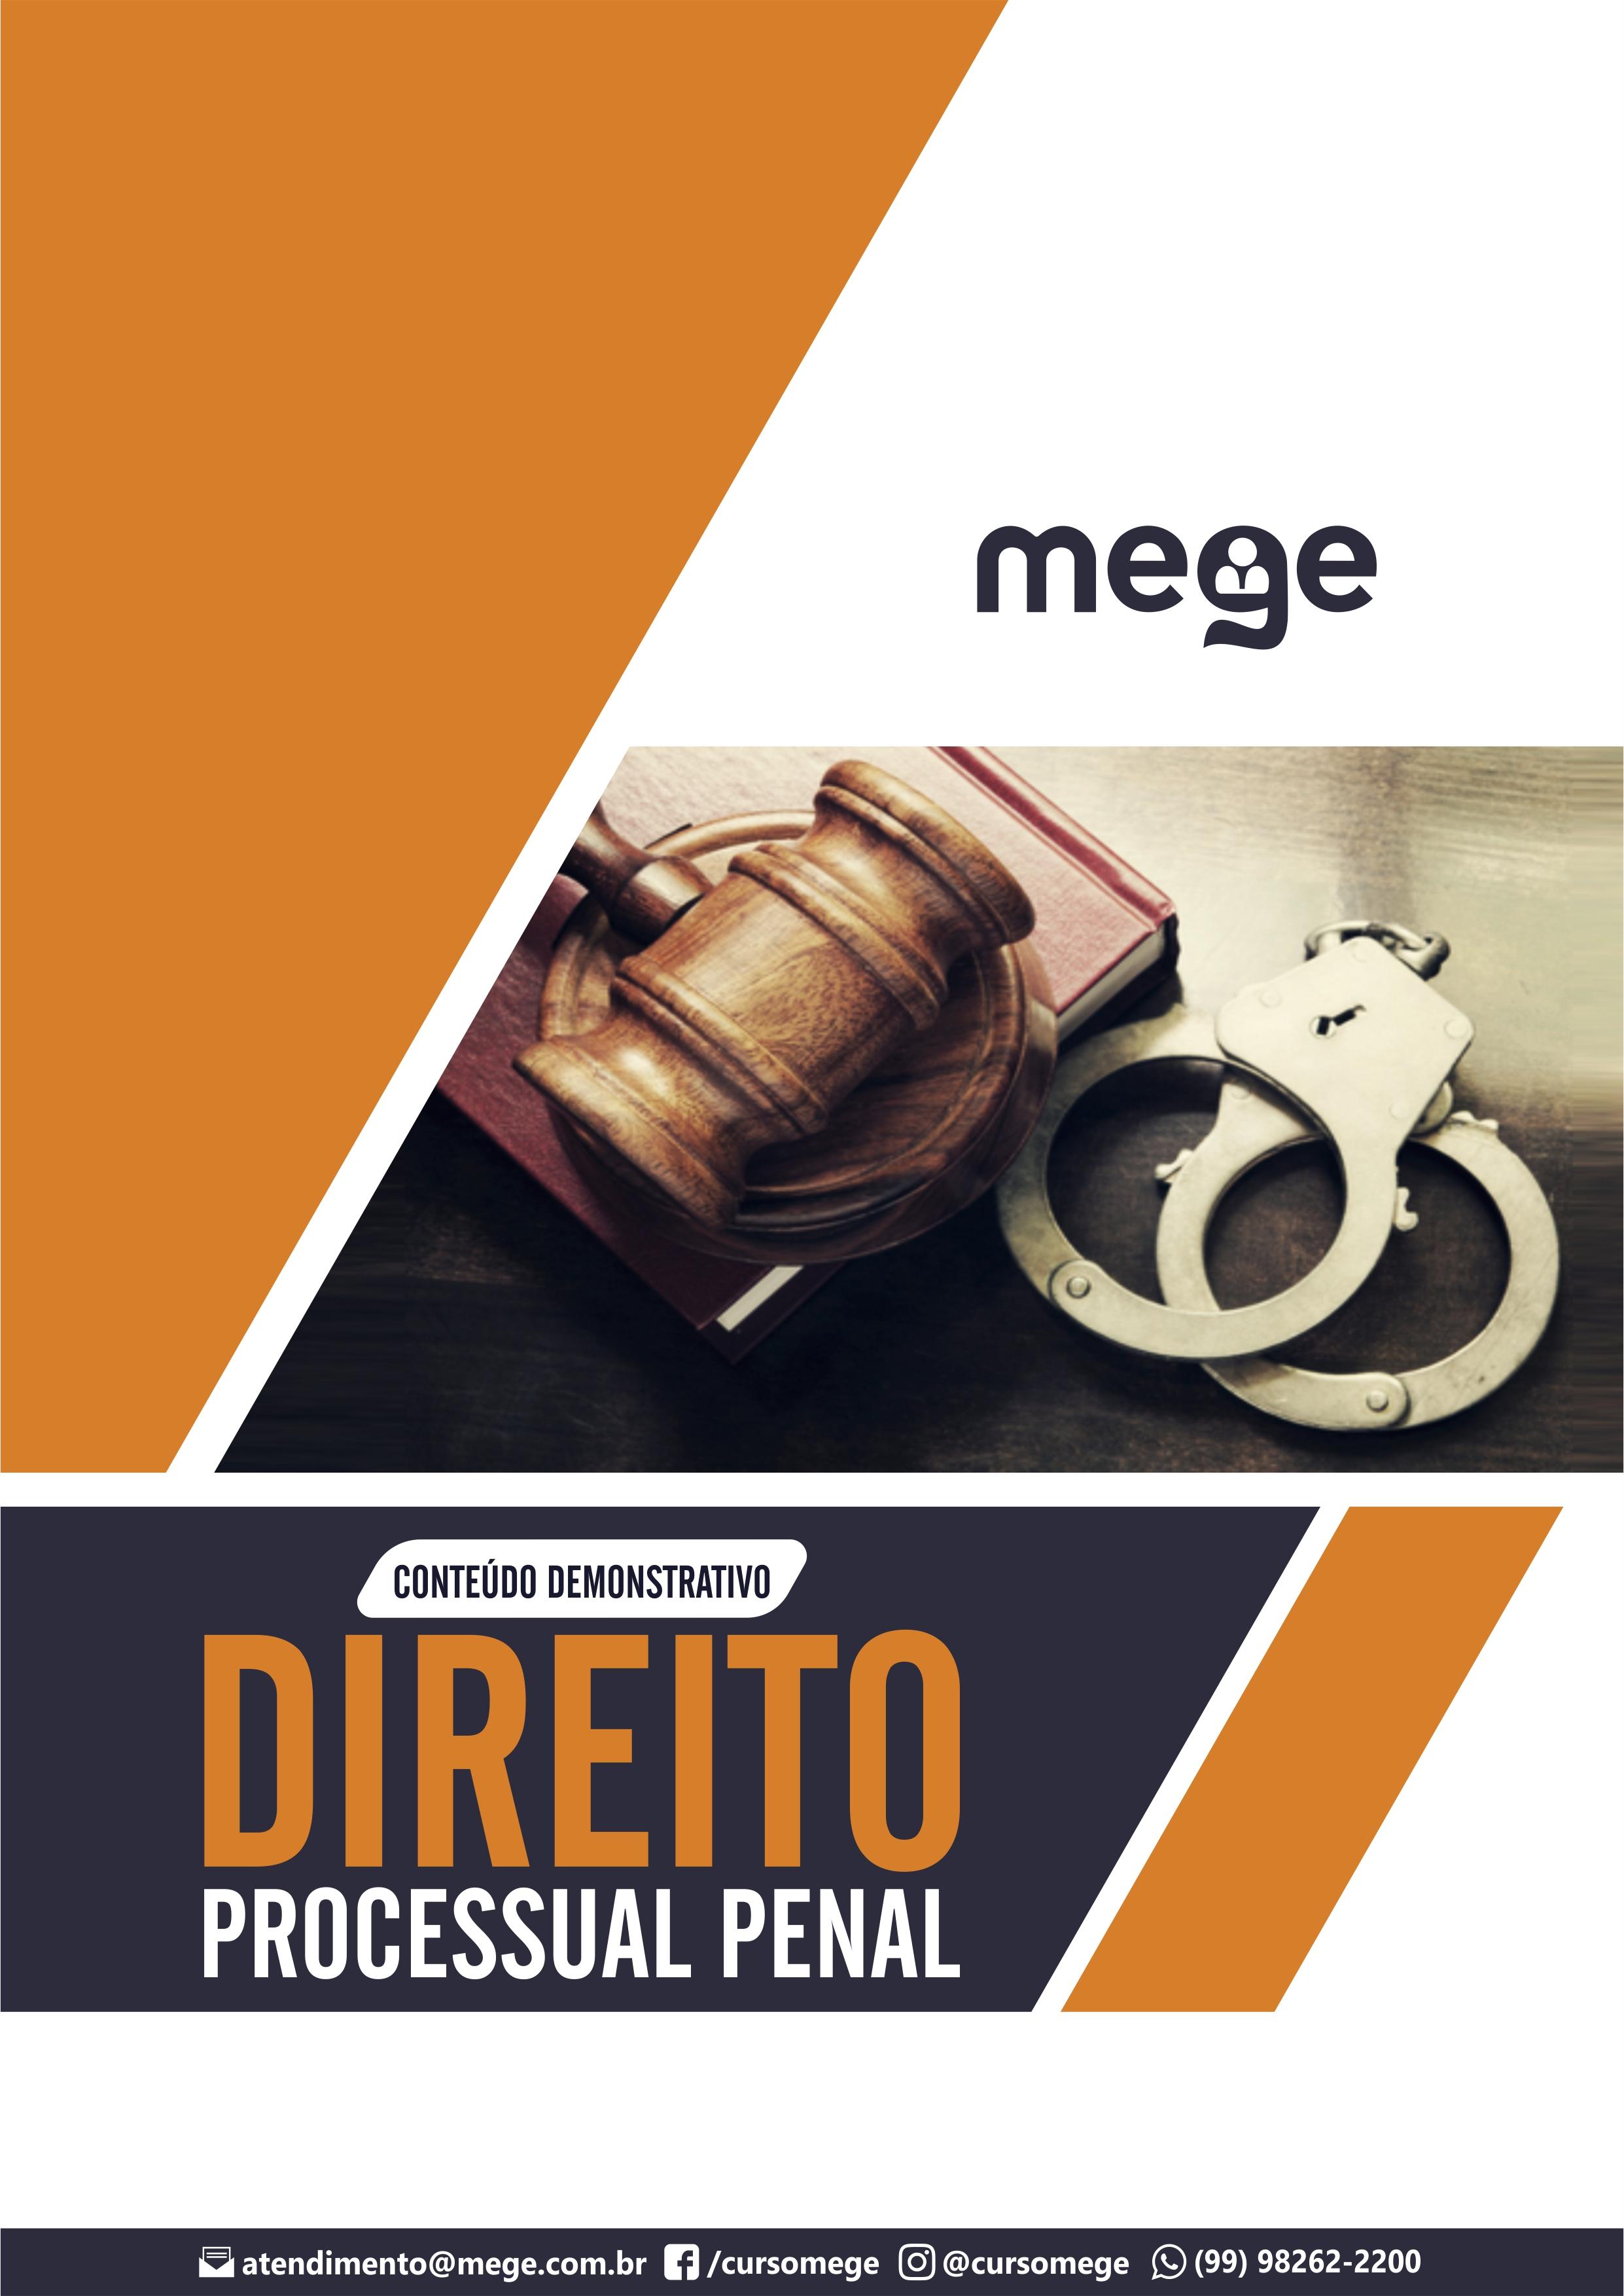 Conteúdo de Direito Processual Penal com foco nos concursos para Defensoria Pública Estadual. O Material compõe a primeira rodada da ª Turma Regular de DPE, do Mege.